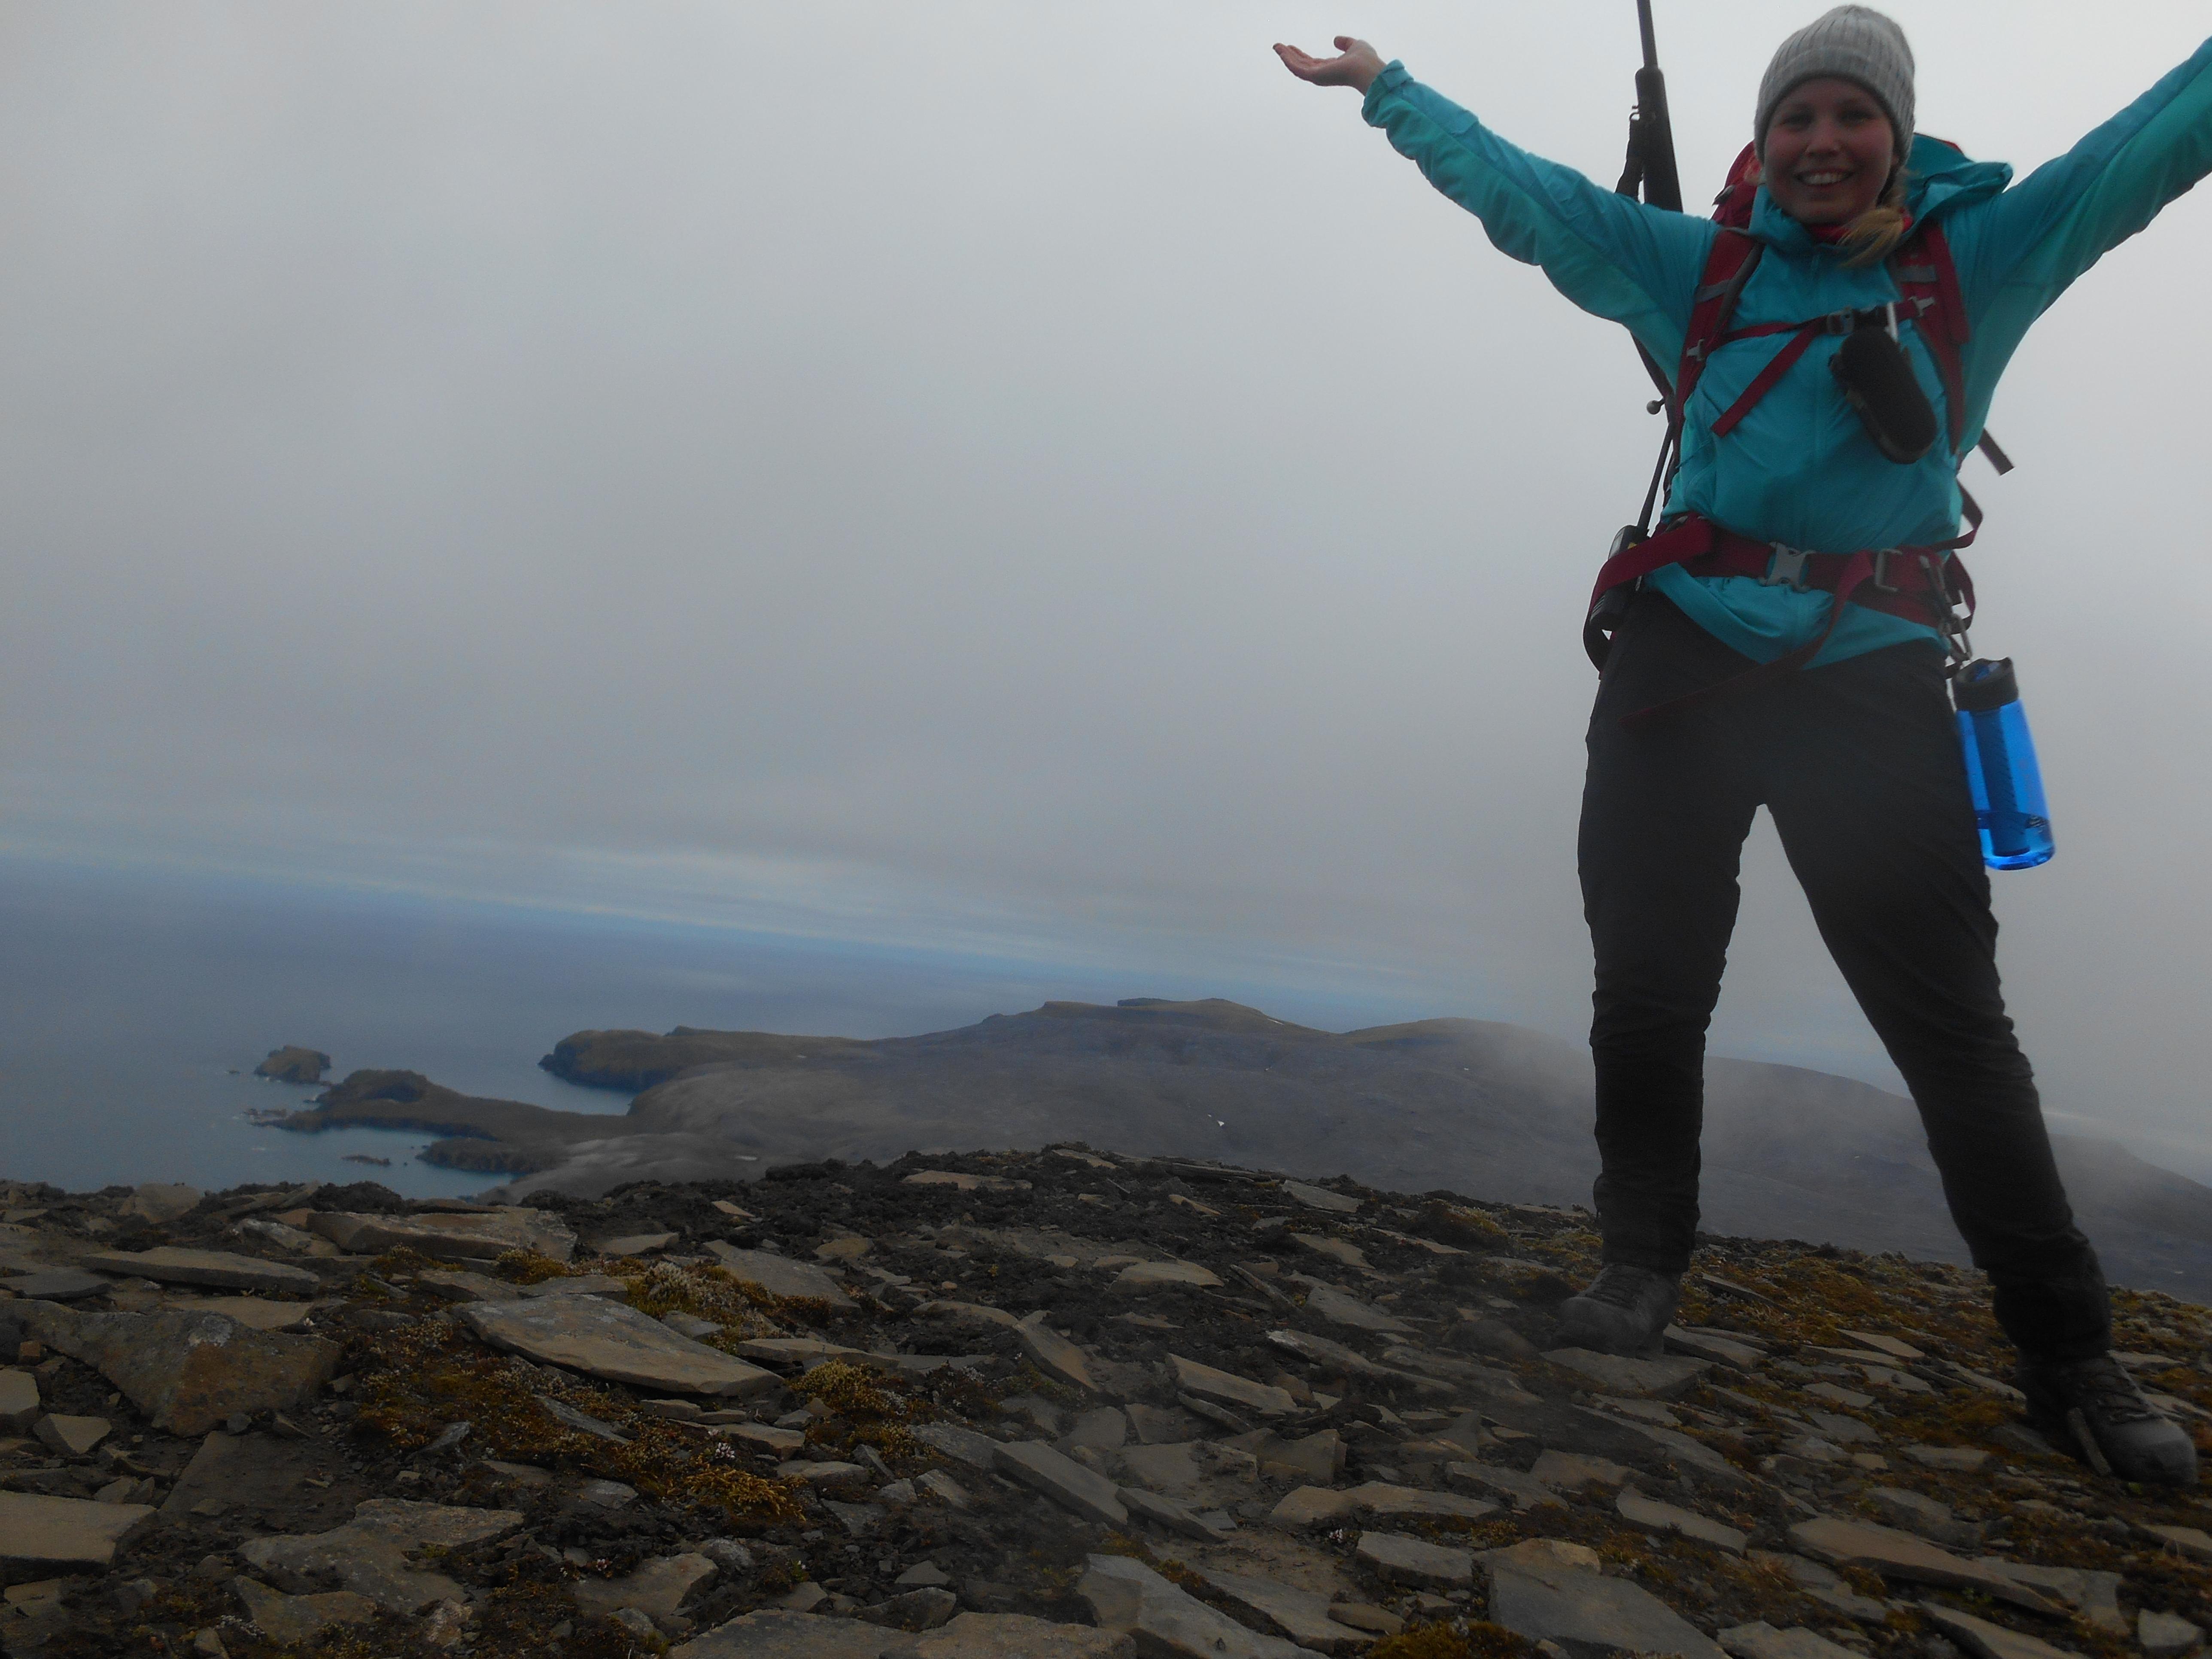 Fornøyd med å komme opp på Urd, høyeste fjellet på Bjørnøya